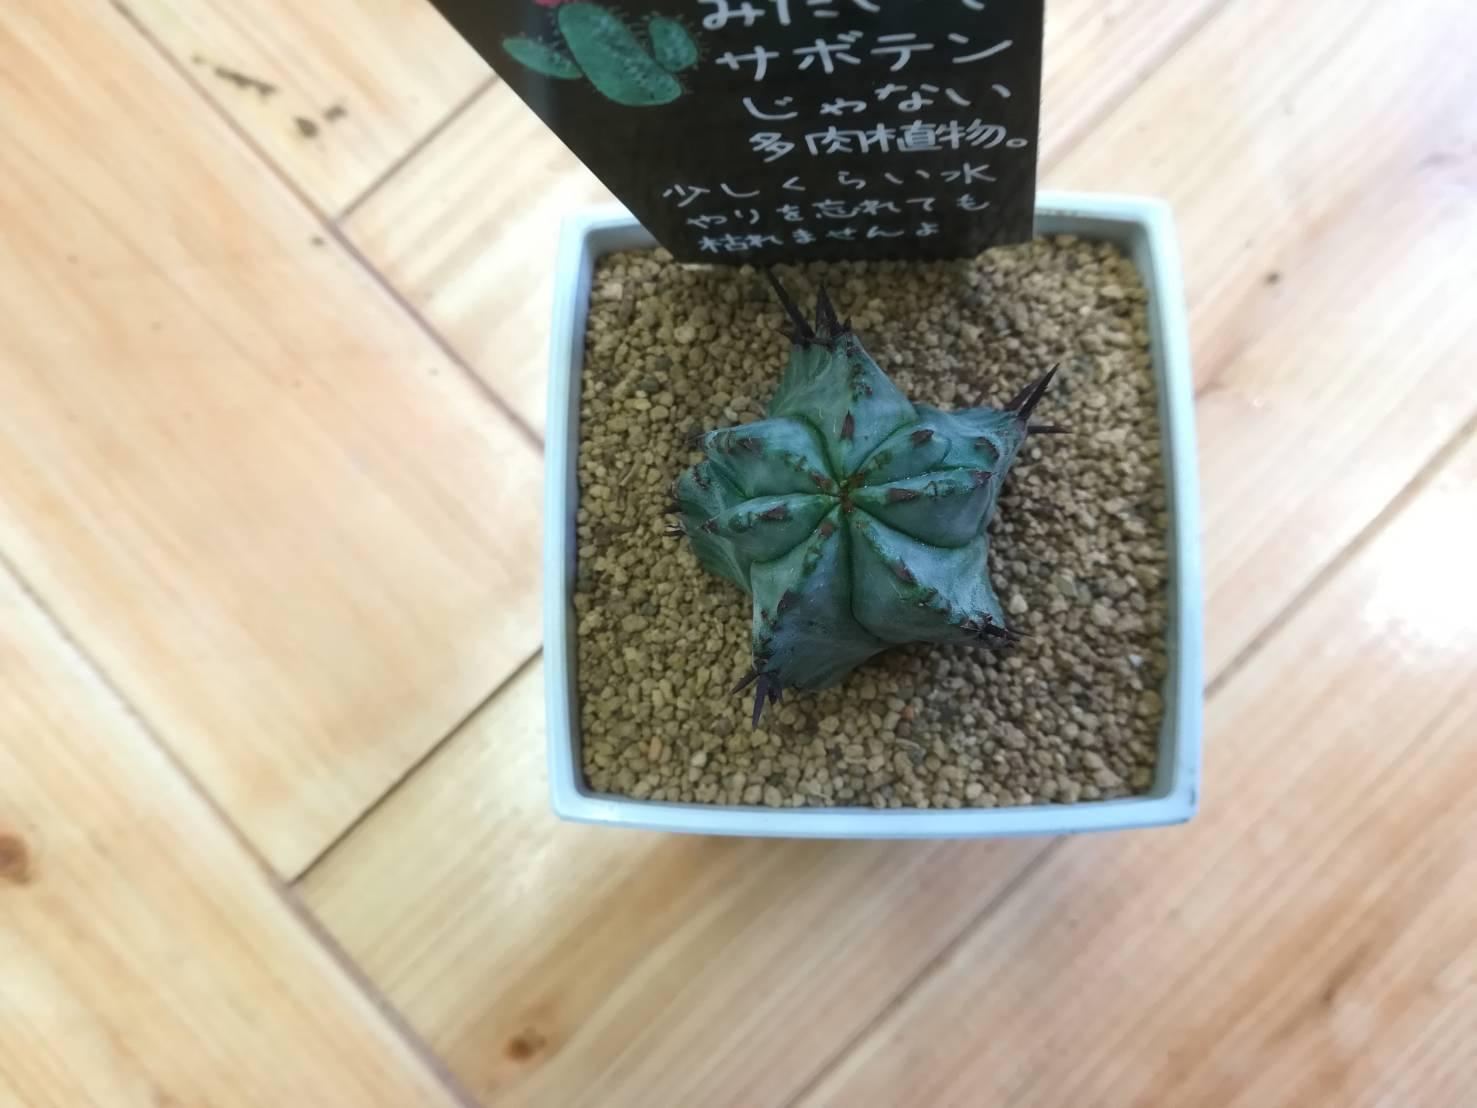 ユーフォルビア・ホリダの植え替え。≪サボテンみたいでサボテンじゃない多肉植物。×植え替え後の水遣り×≫